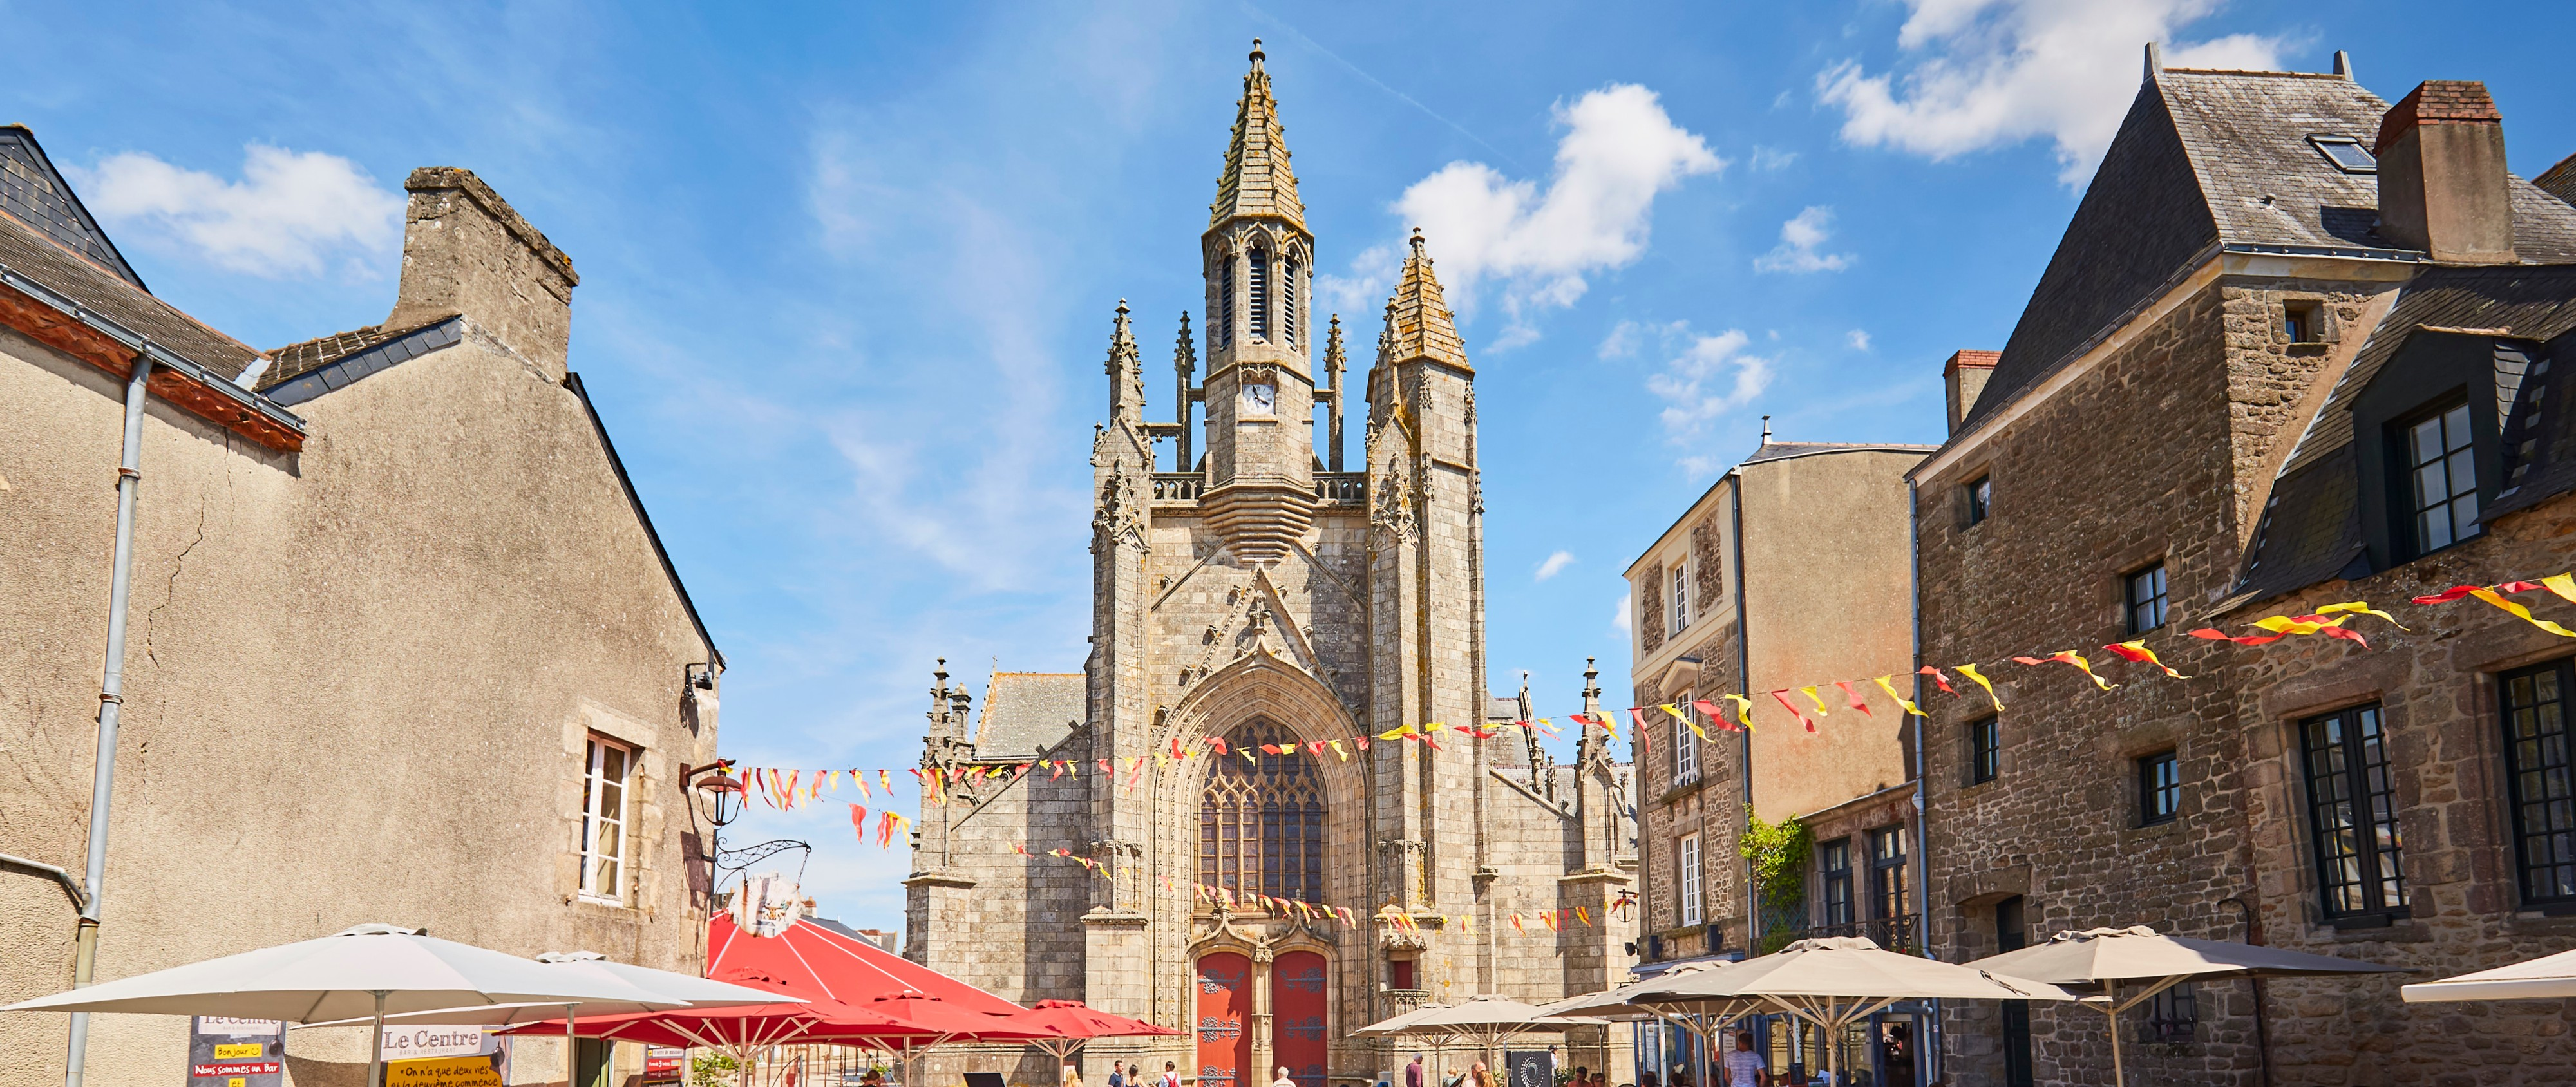 Collégiale Saint-Aubin de Guérande - Alexandre Lamoureux  - © Alexandre Lamoureux